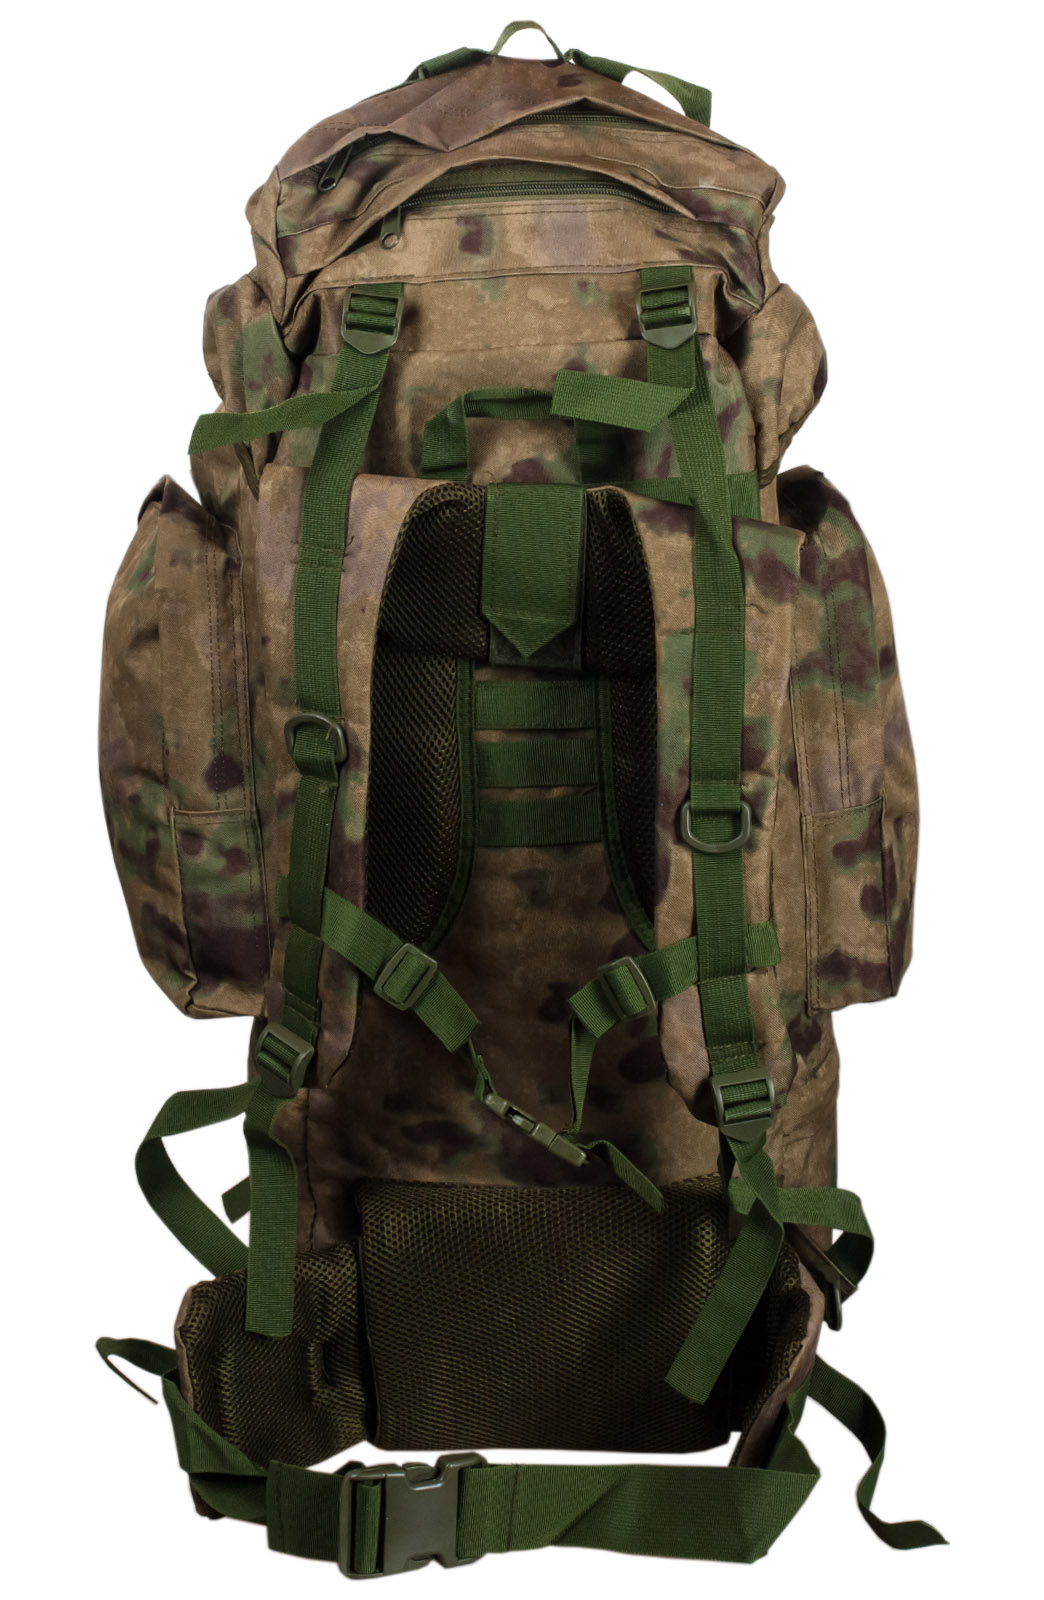 Походный ранец-рюкзак с нашивкой ДПС - заказать с доставкой